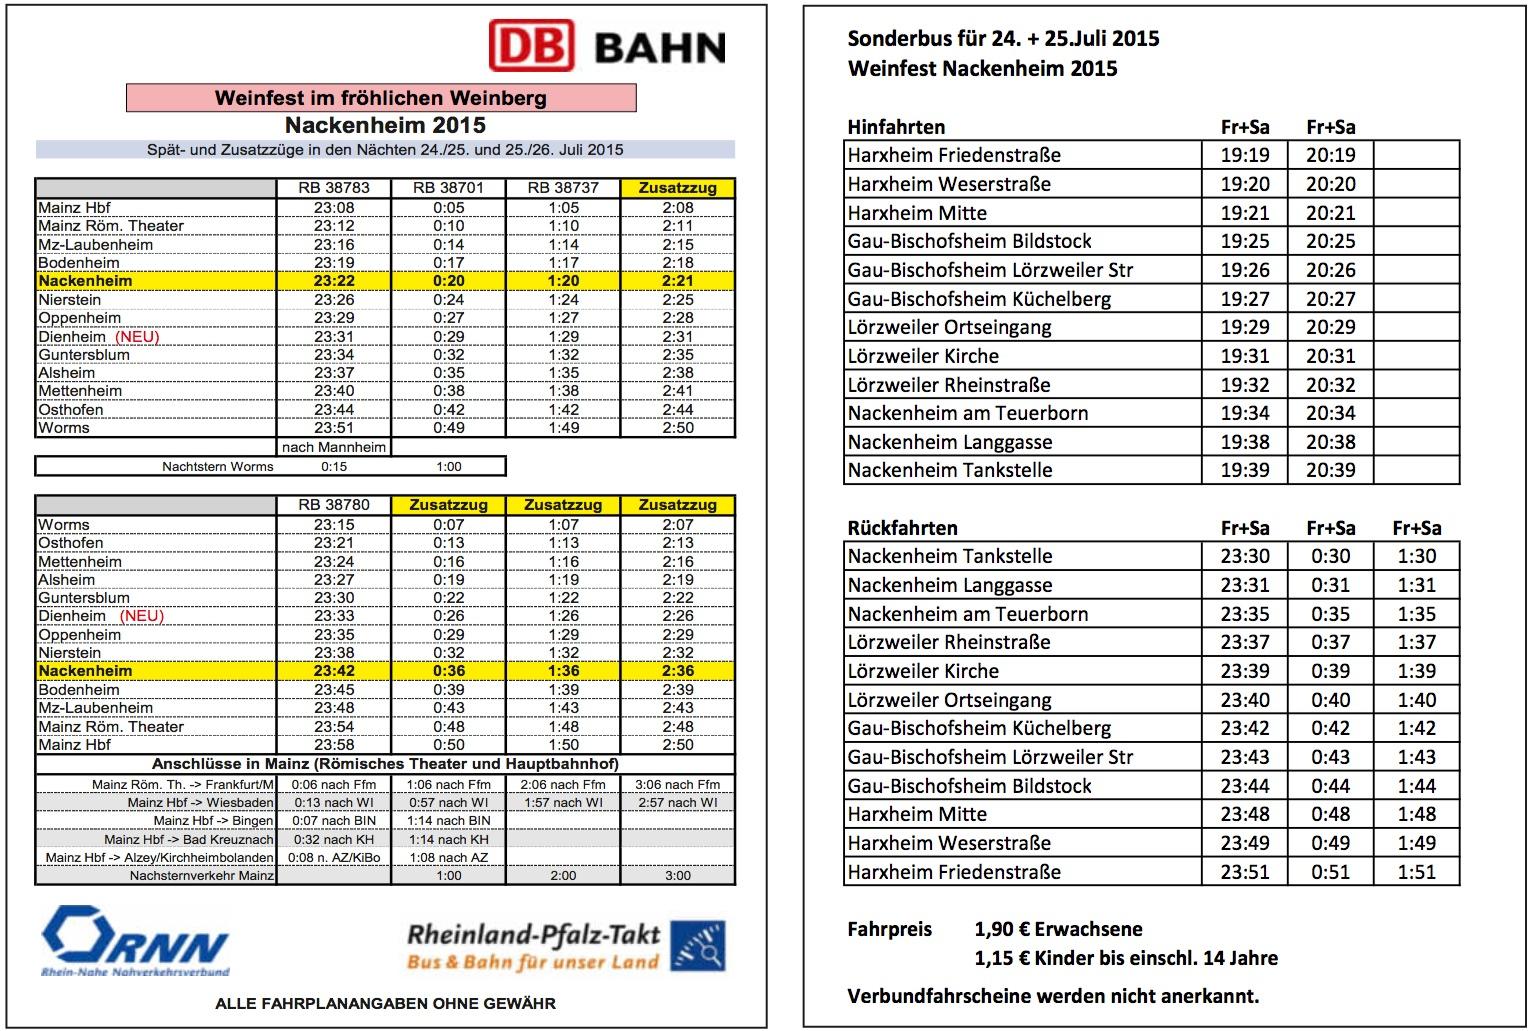 Weinfest Fahrplan 2015